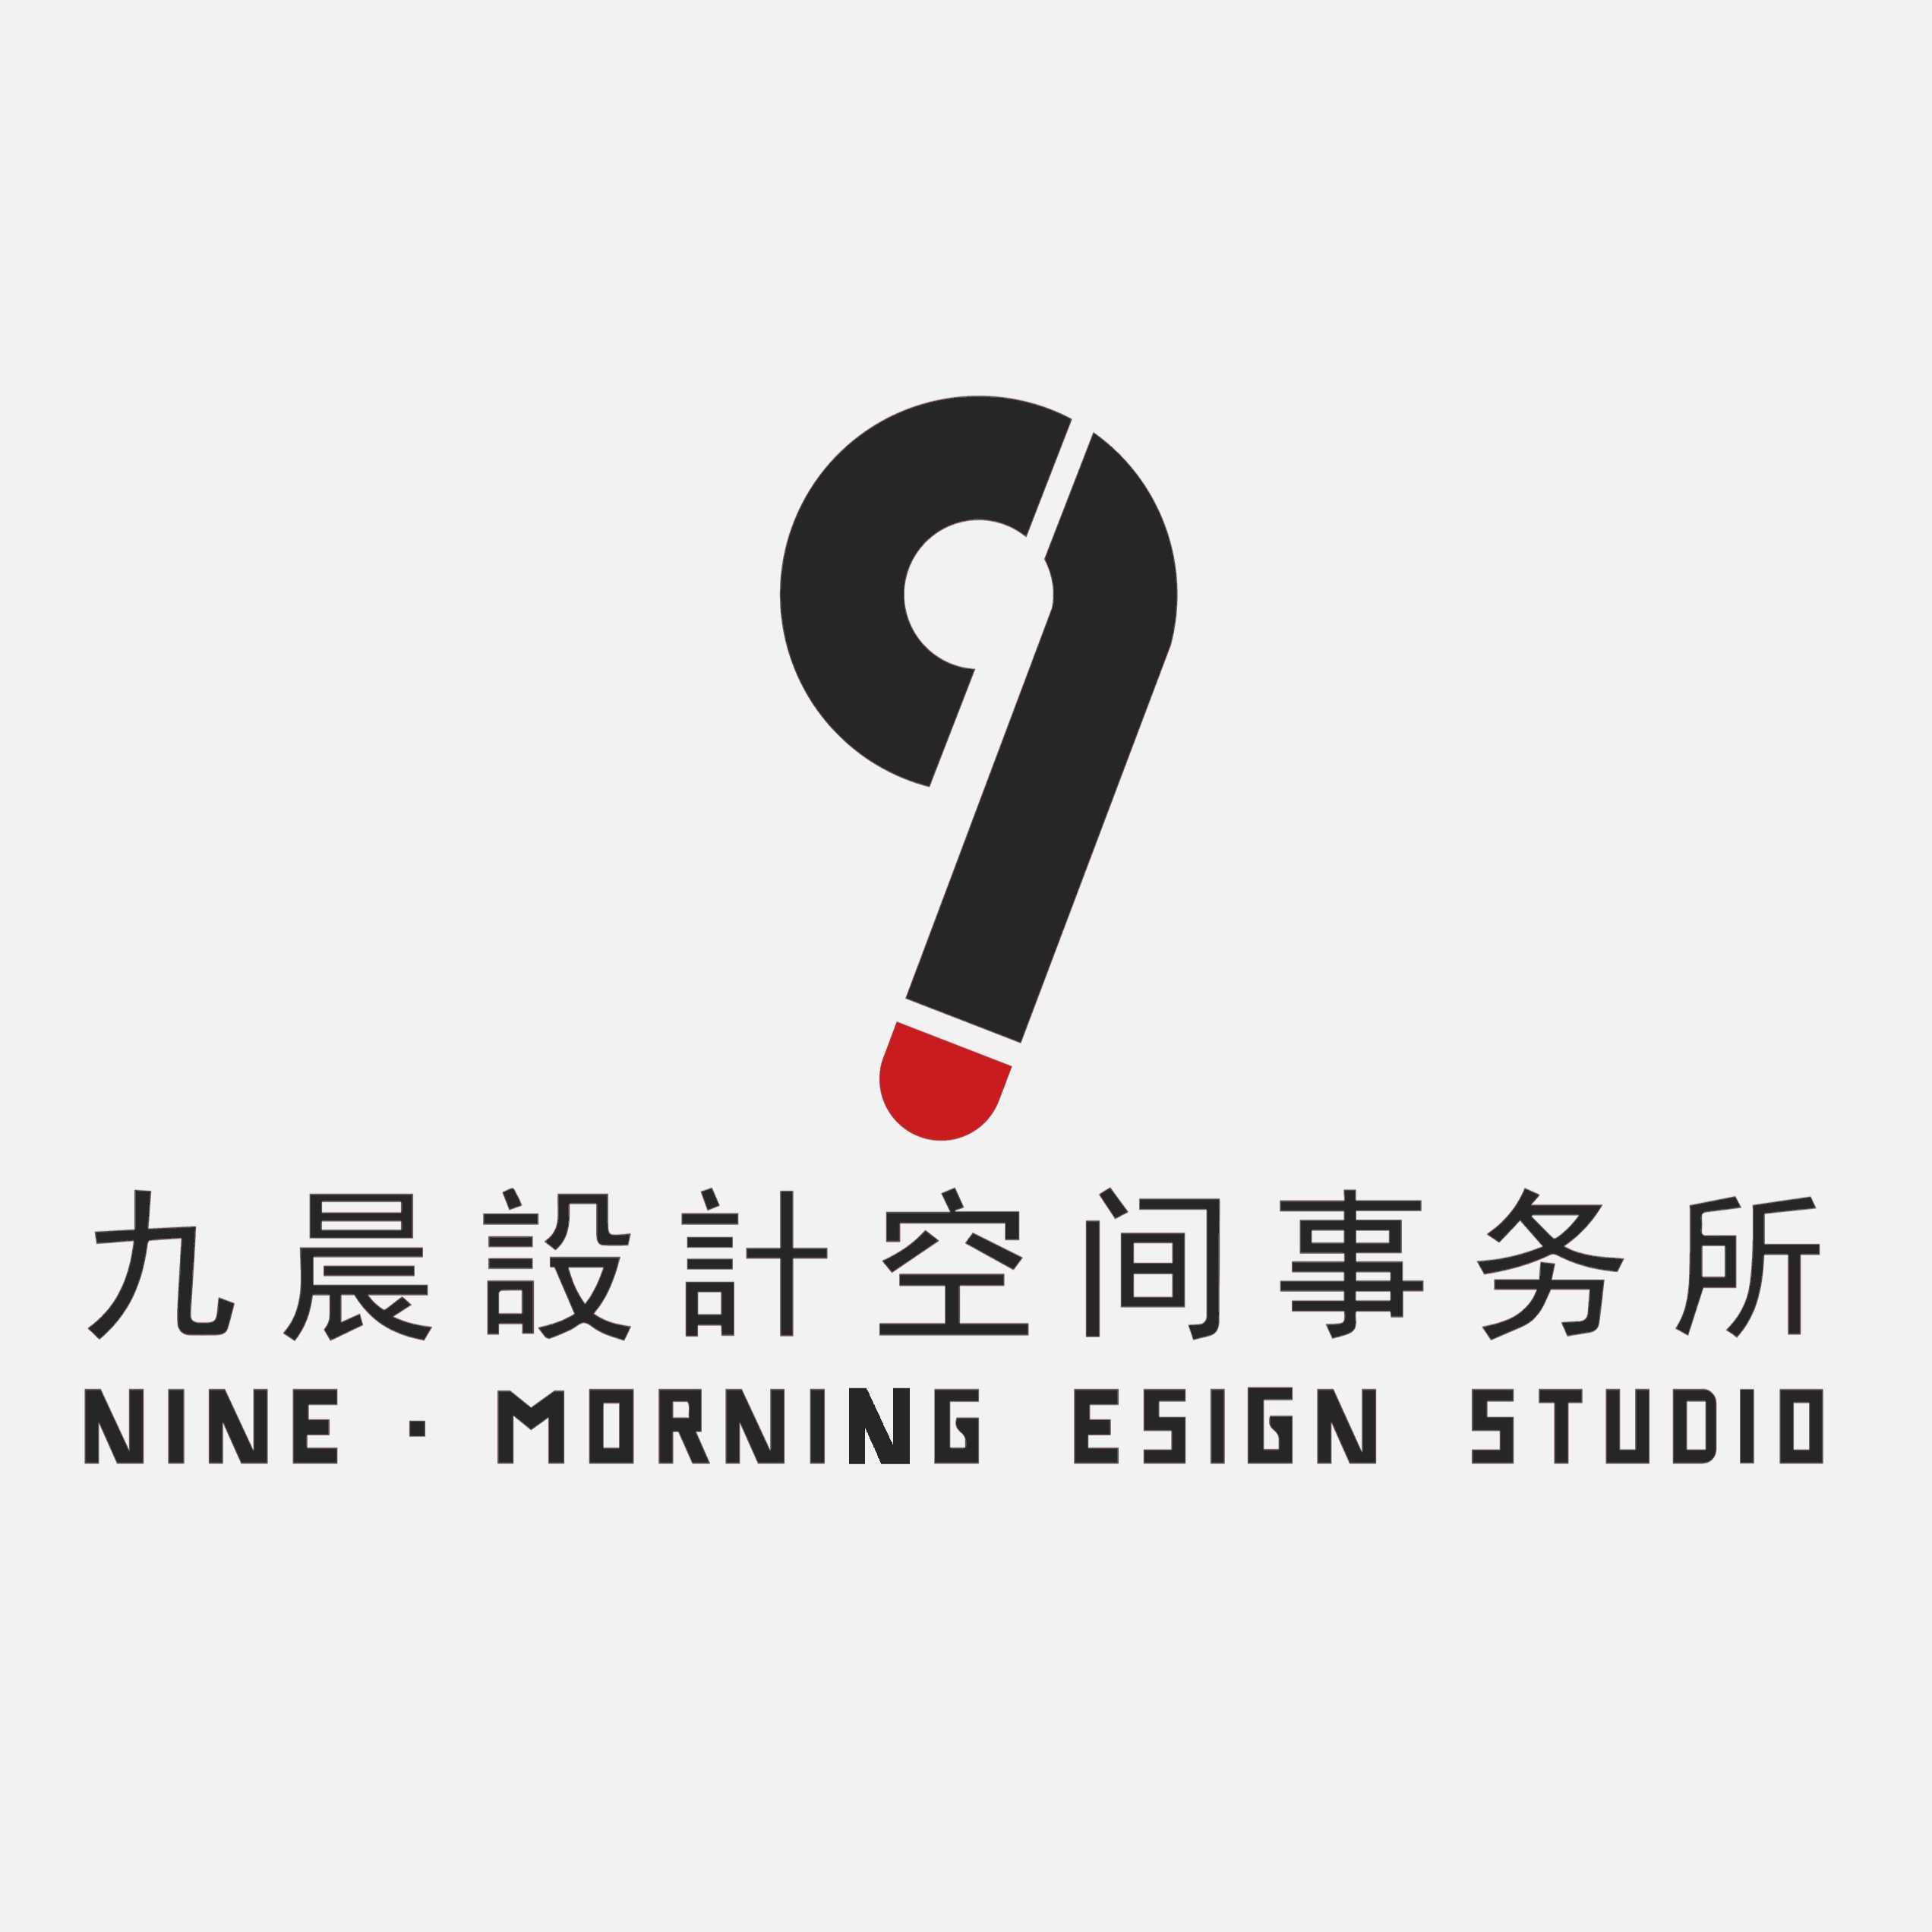 九晨设计事务所